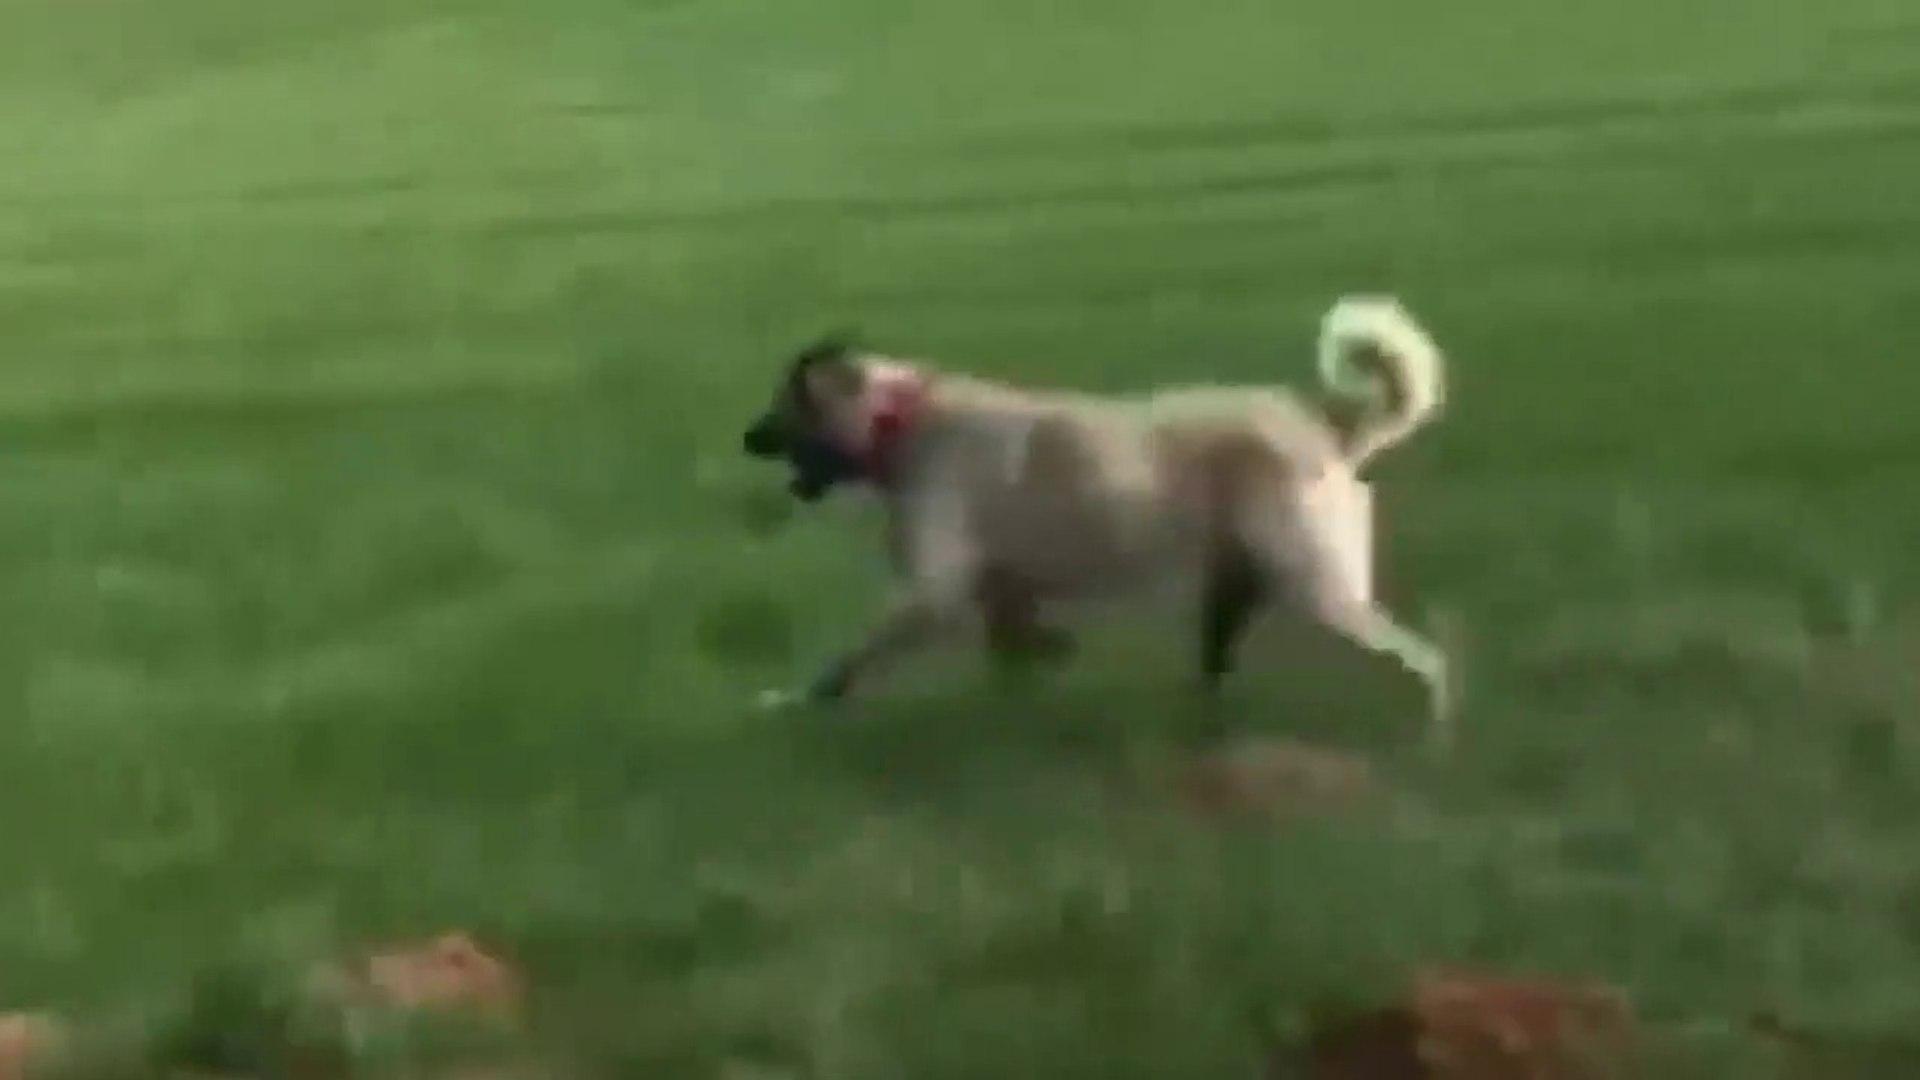 KANGAL KOPEKLERiYLE SABAH SPORU - KANGAL SHEPHERD DOGS EXERCiSE